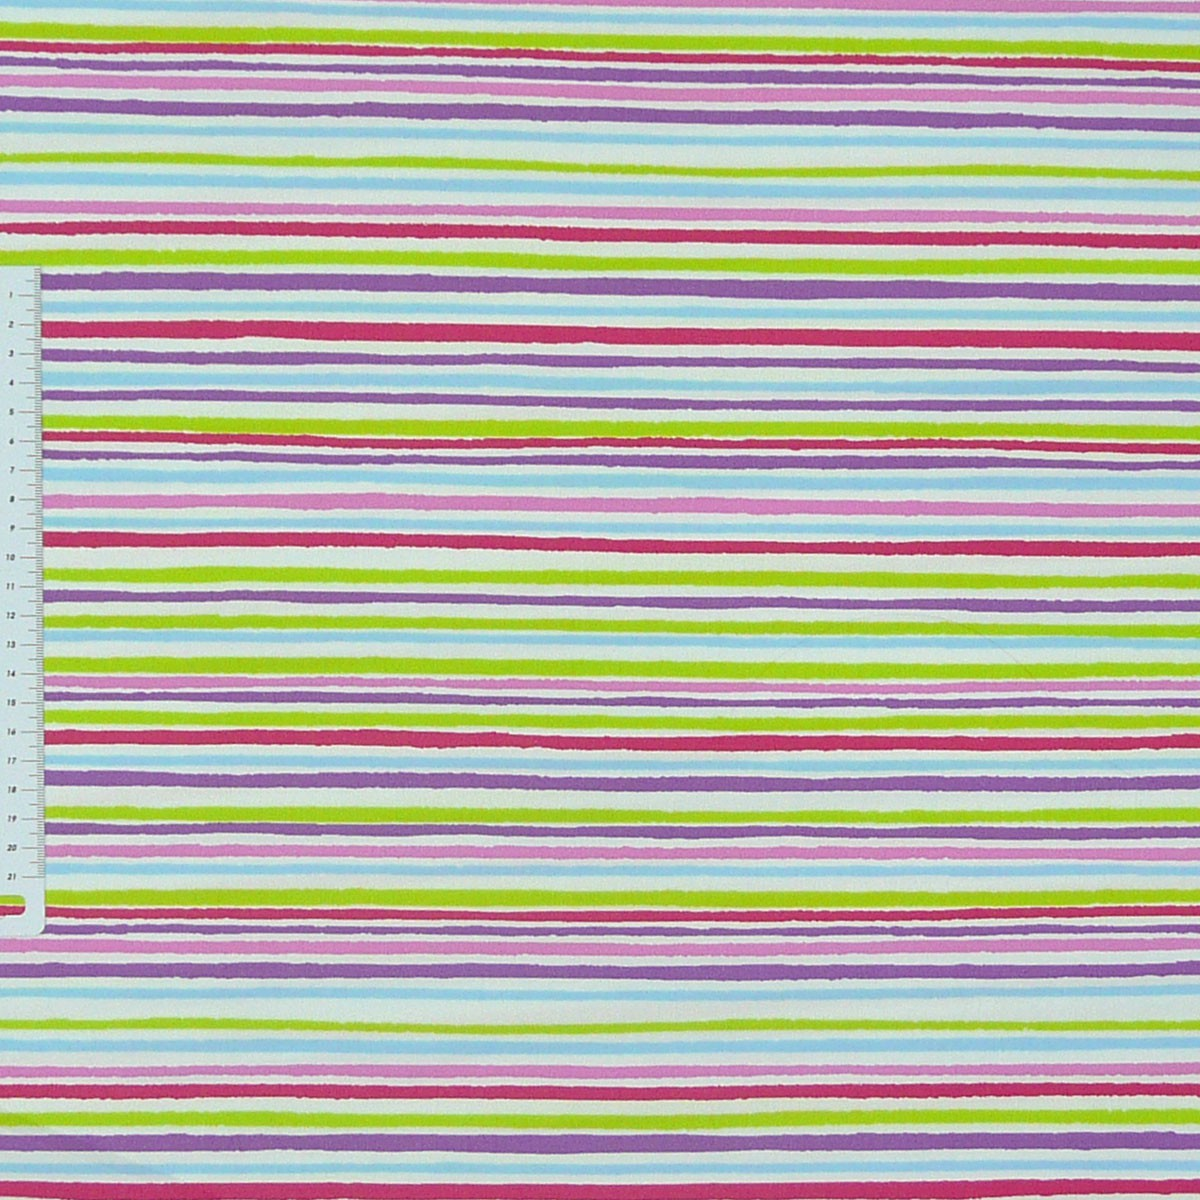 baumwollstoff streifen bunt dekostoff gardinenstoff 2 80m breite stoffe stoffe gemustert stoff. Black Bedroom Furniture Sets. Home Design Ideas